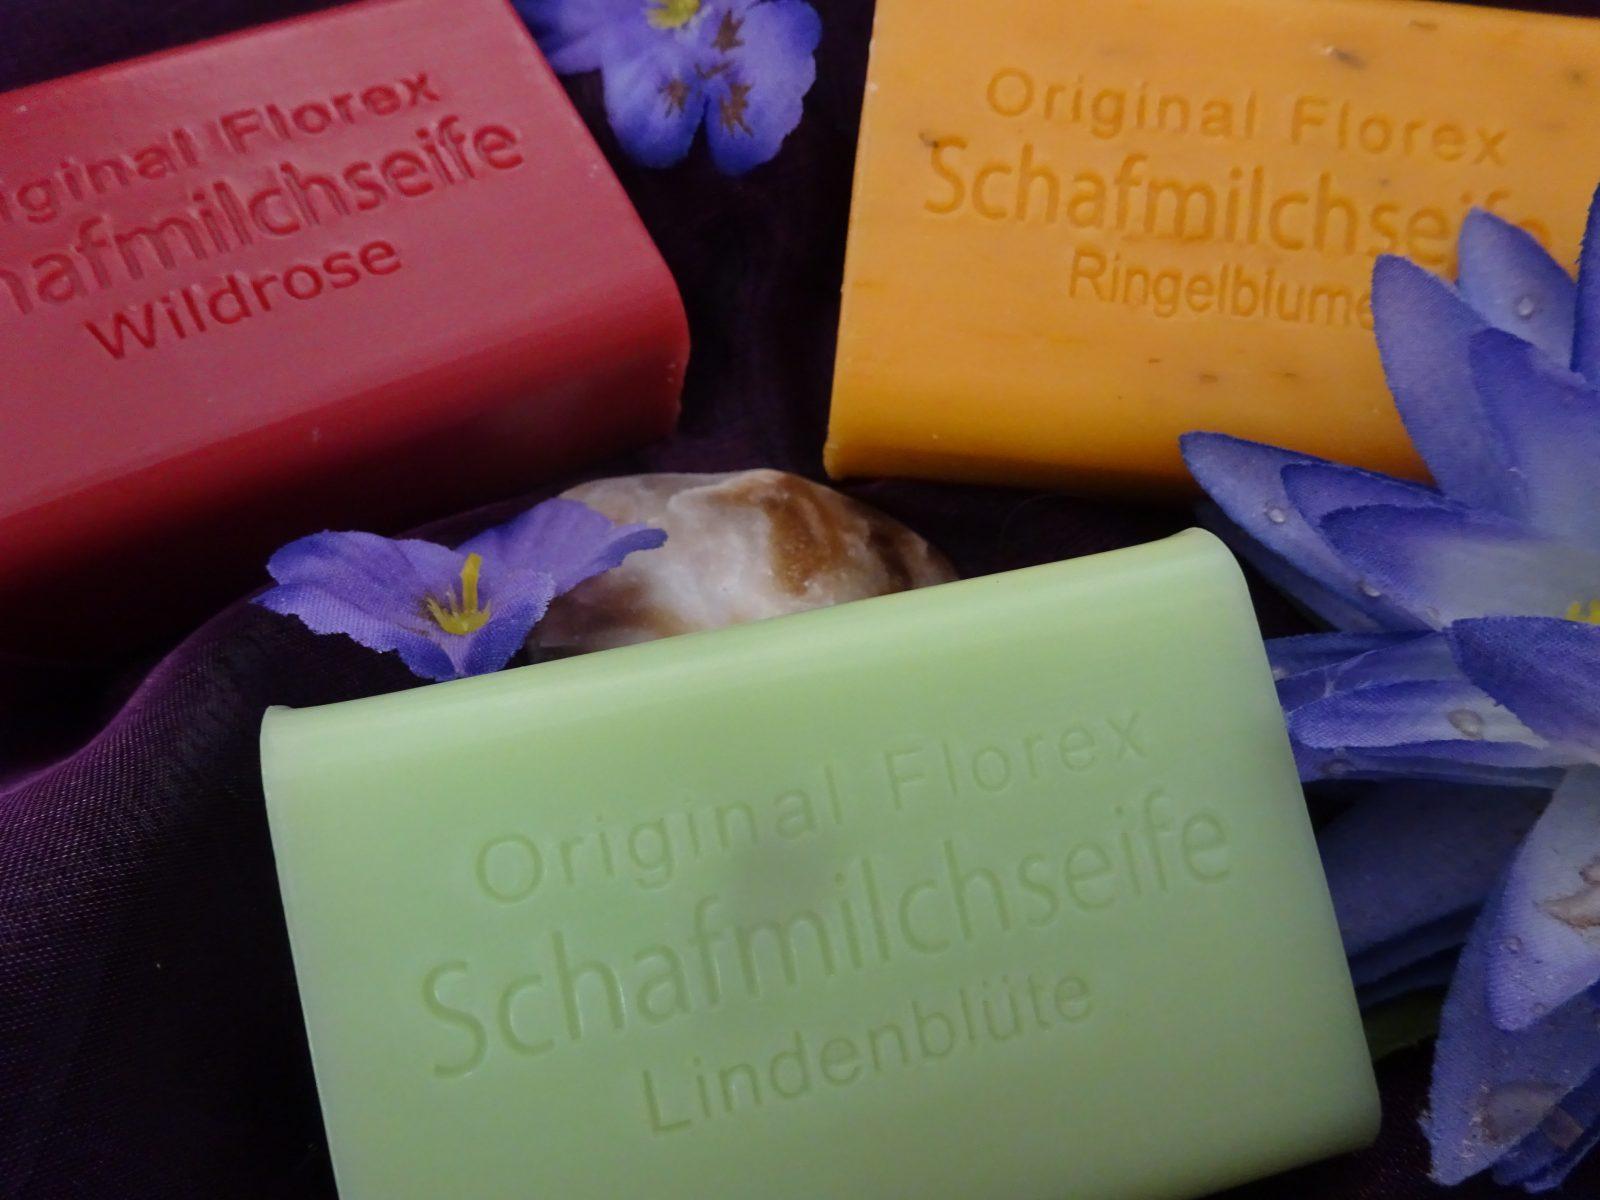 Schafmilchseifen im Duft der Wildrose, der Ringelblume und der Lindenblüte